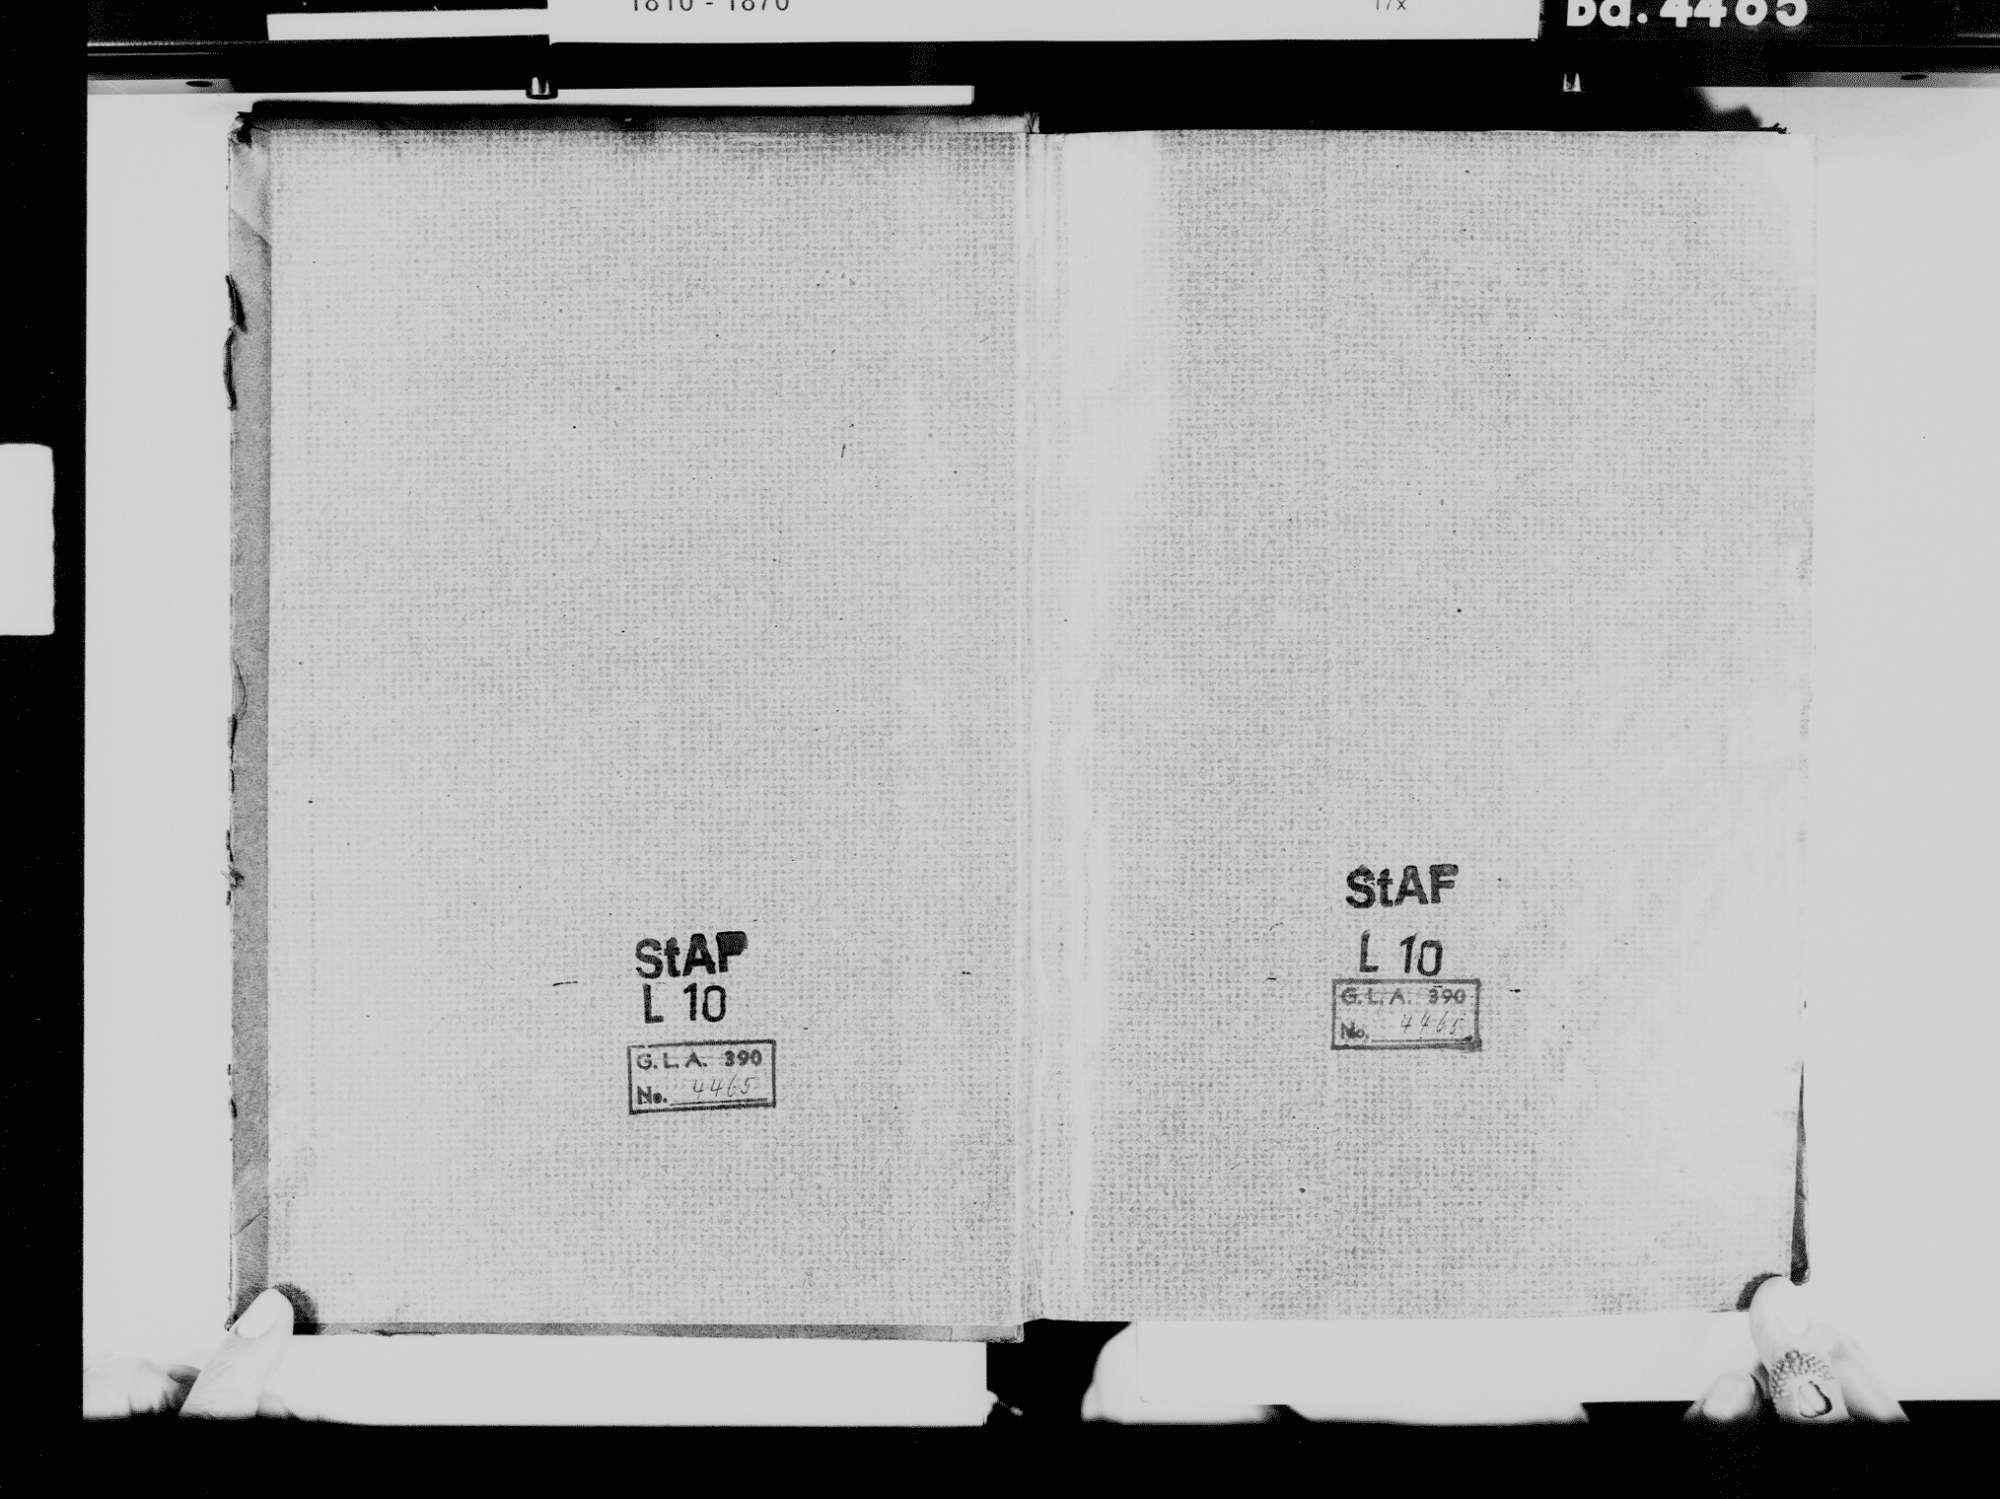 Böllen LÖ; Katholische Gemeinde: Standesbuch 1828-1869 [Heirats- und Sterbebuch siehe Geburten 1828], Bild 3